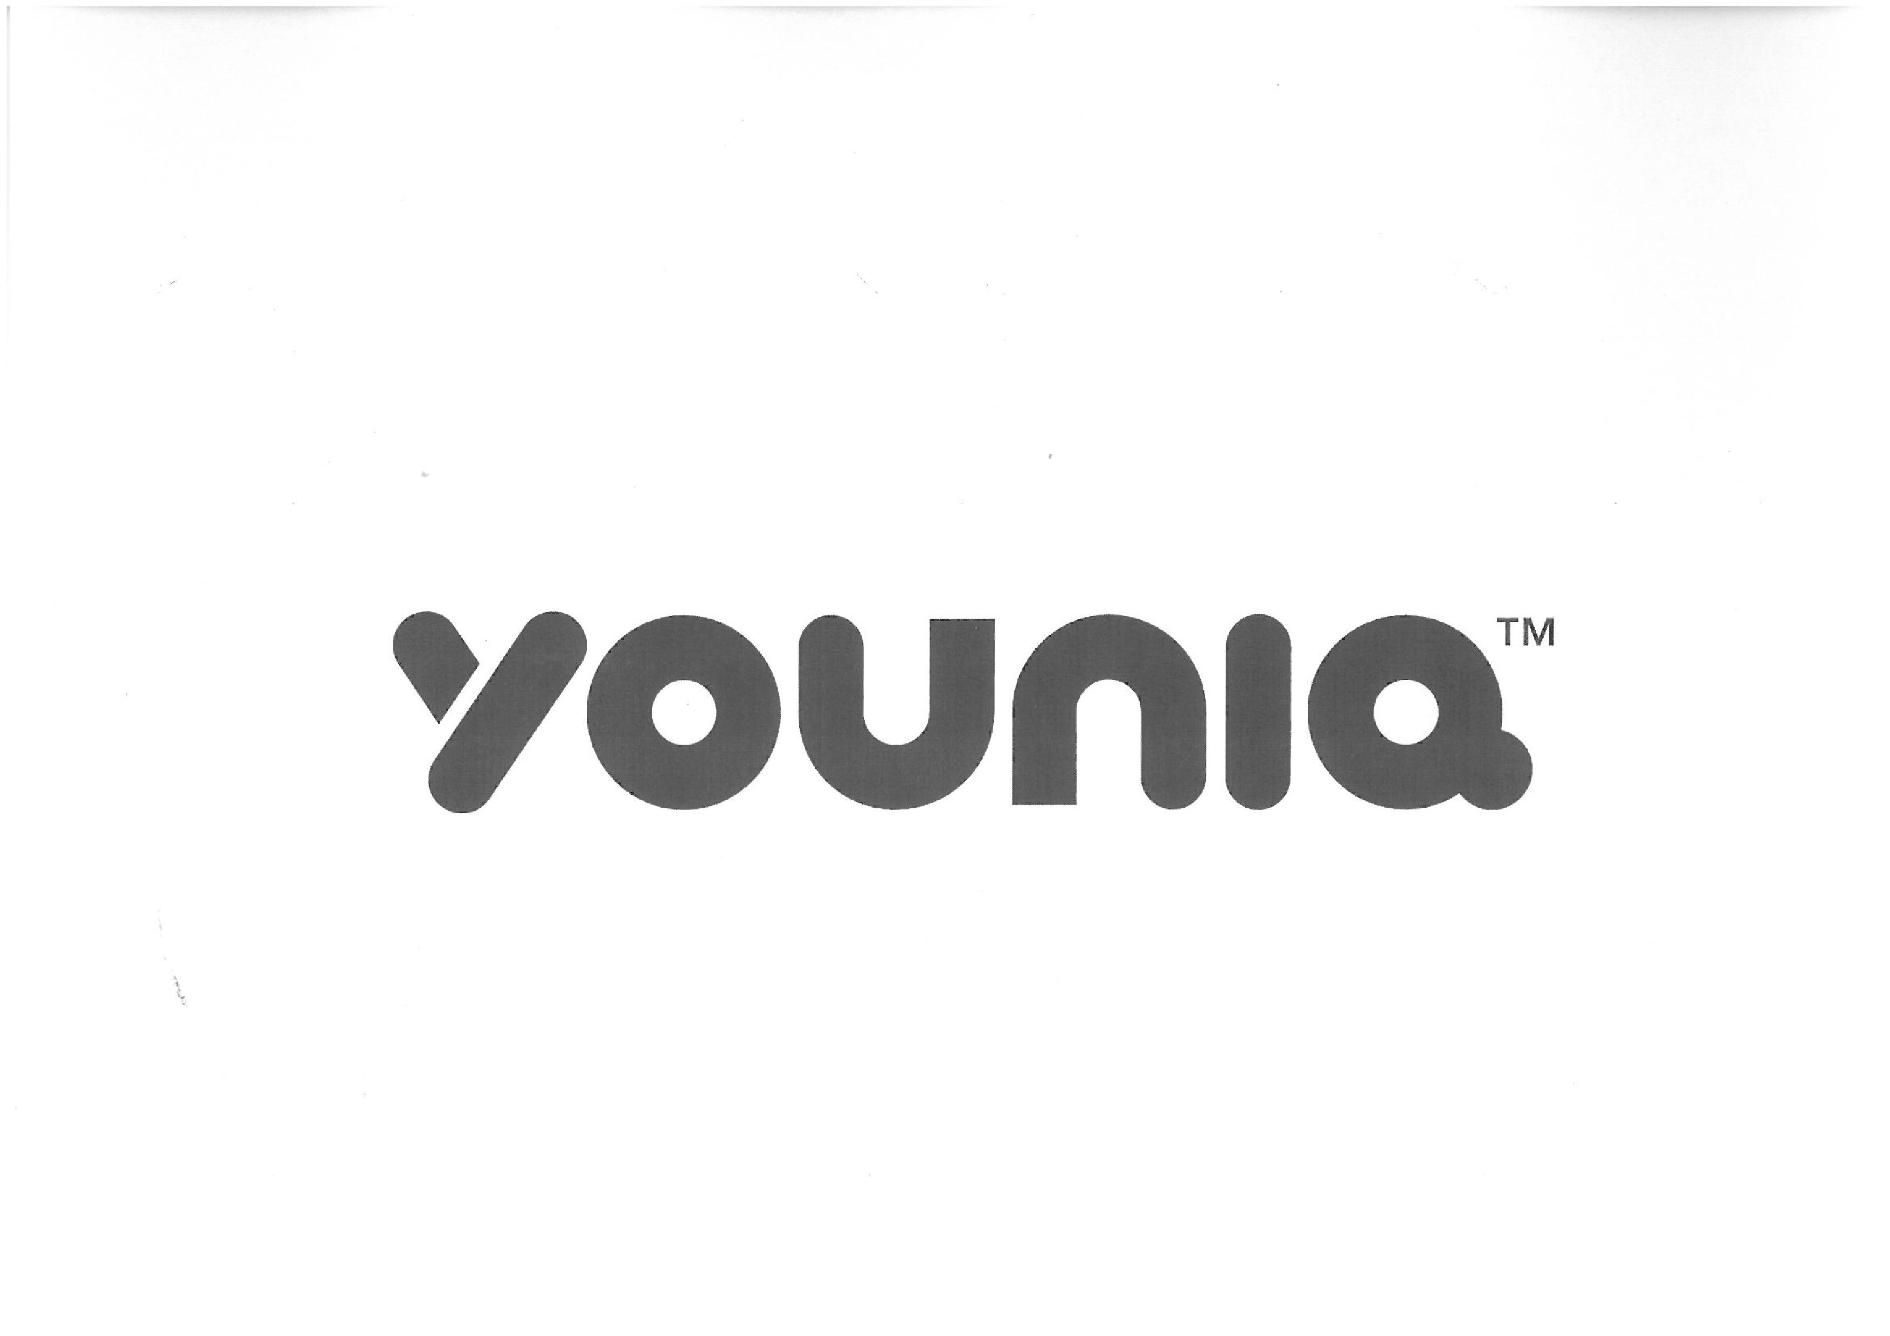 YOUNIQ